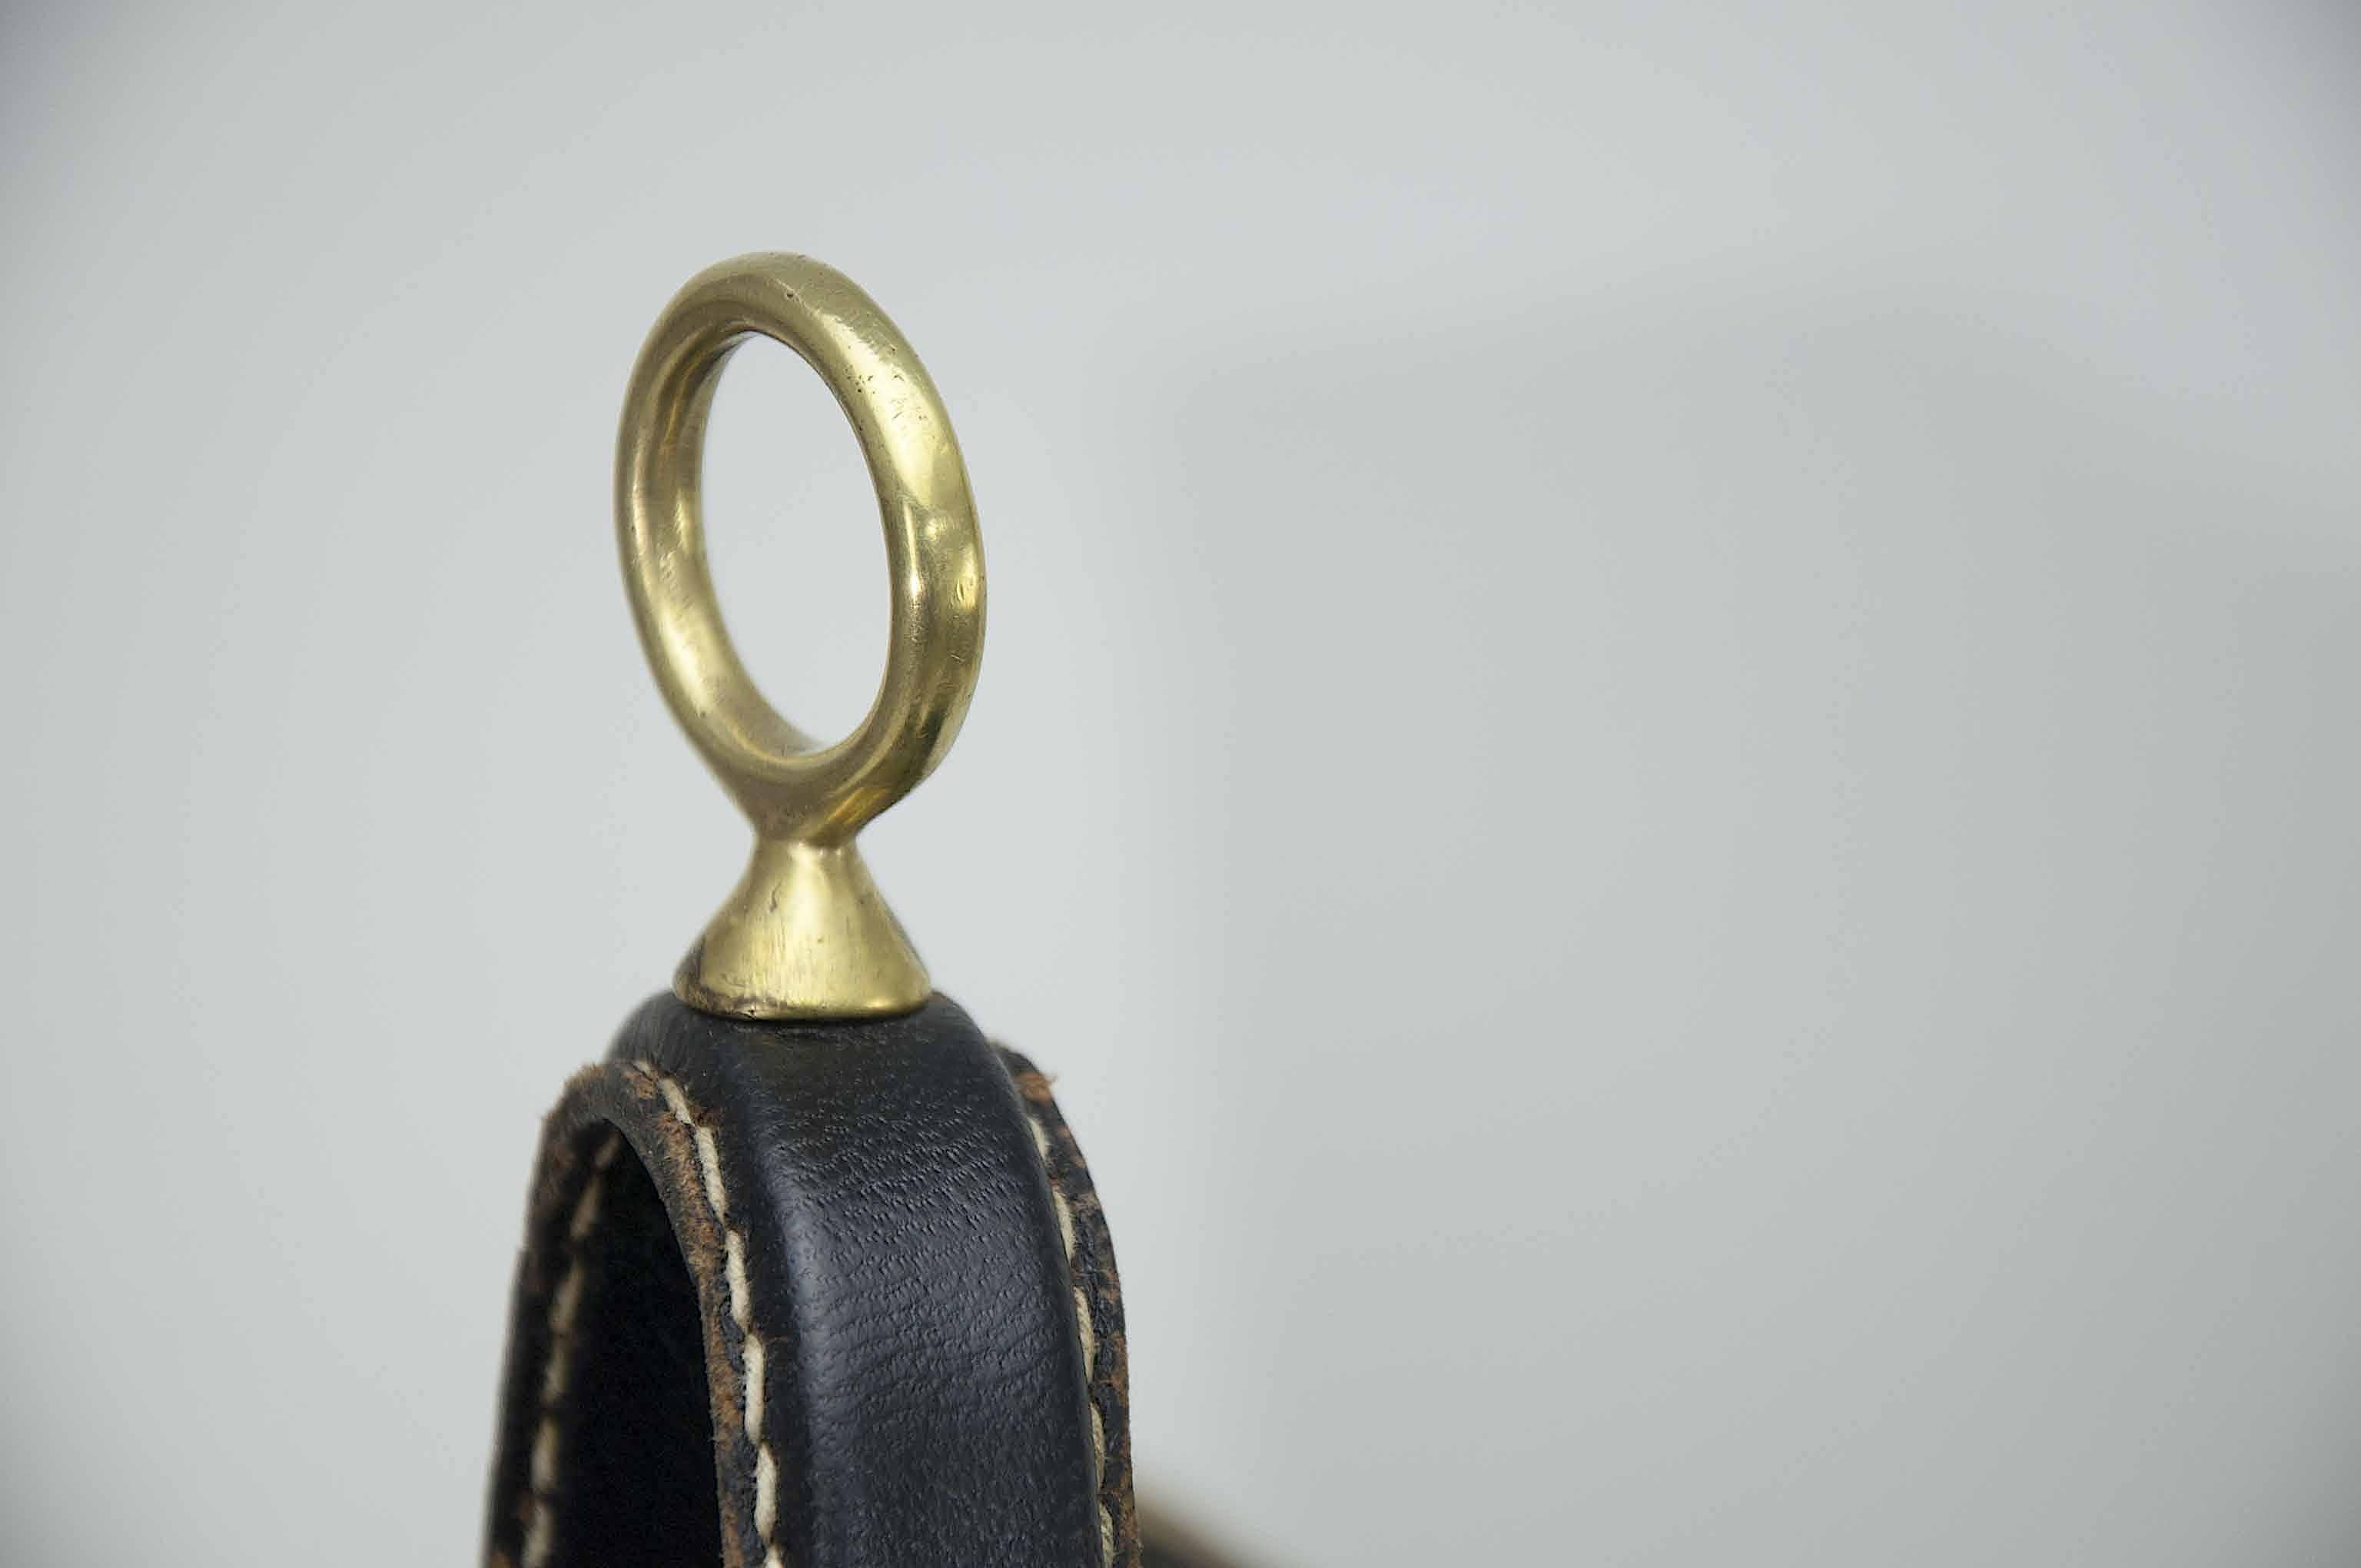 anneau laiton porte-revues cuir Adnet.jp